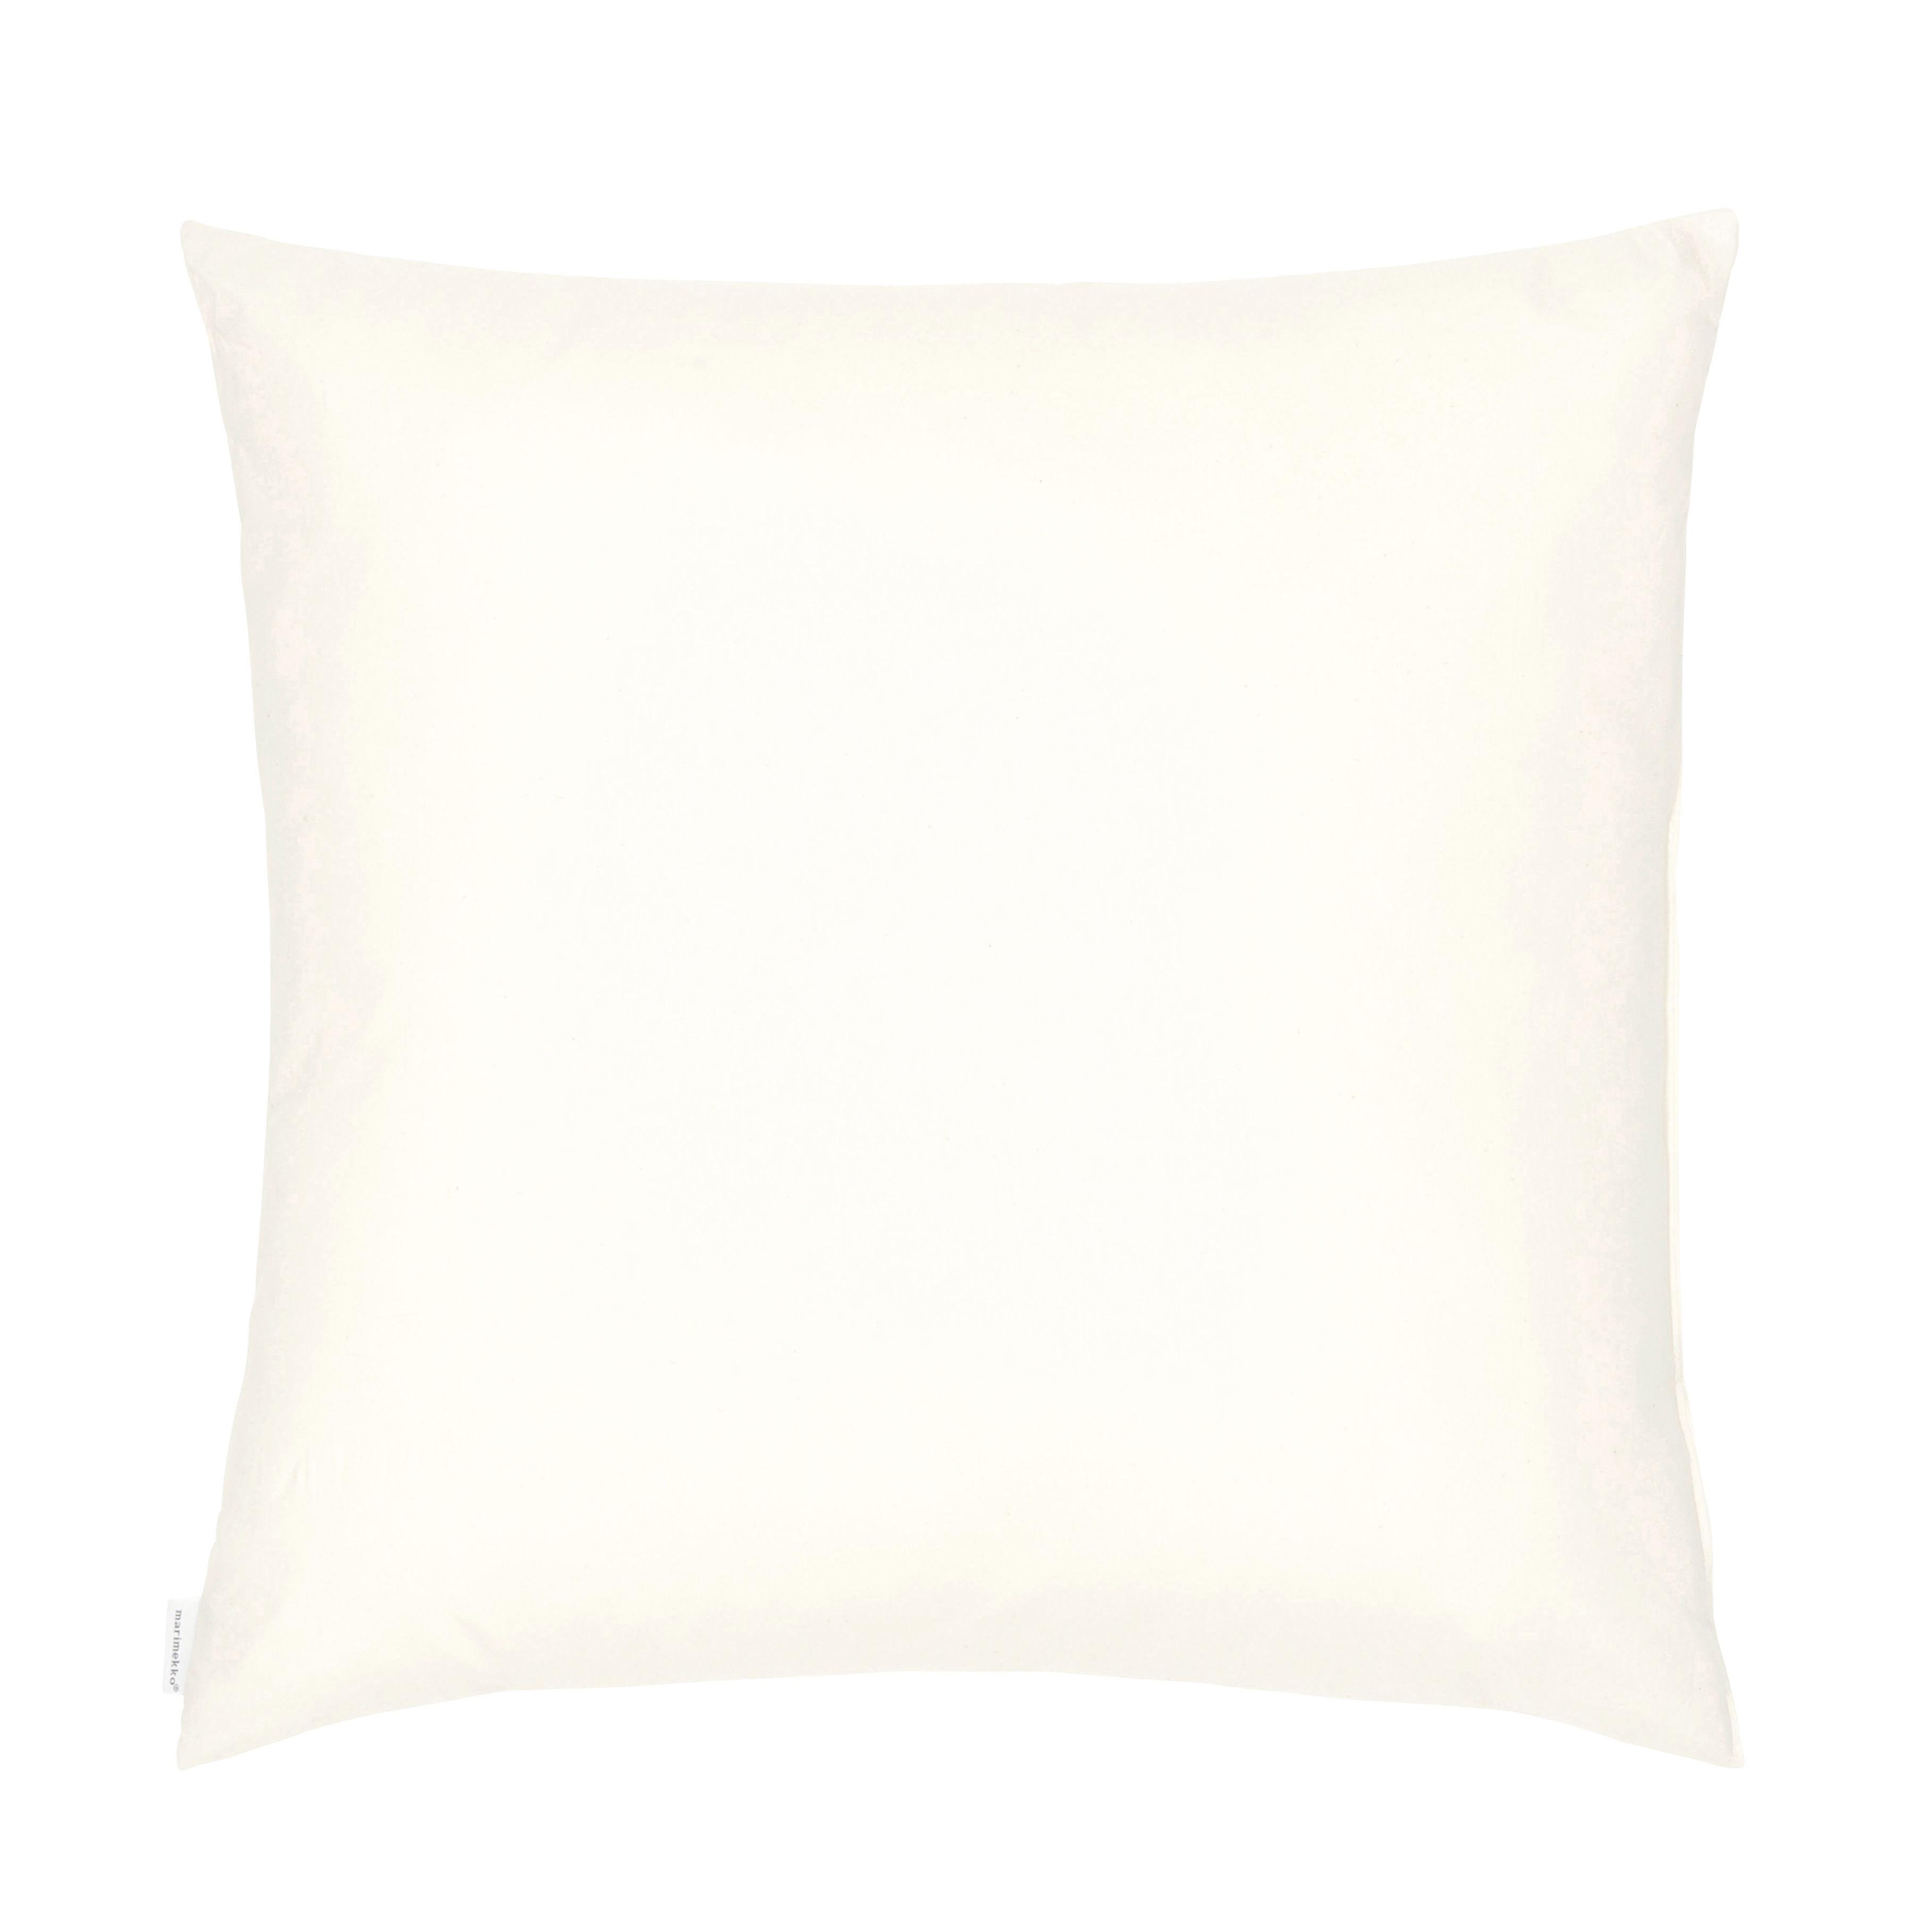 garnissage pour coussin von marimekko 50 x 50 cm wei 50 x 50 cm made in design. Black Bedroom Furniture Sets. Home Design Ideas